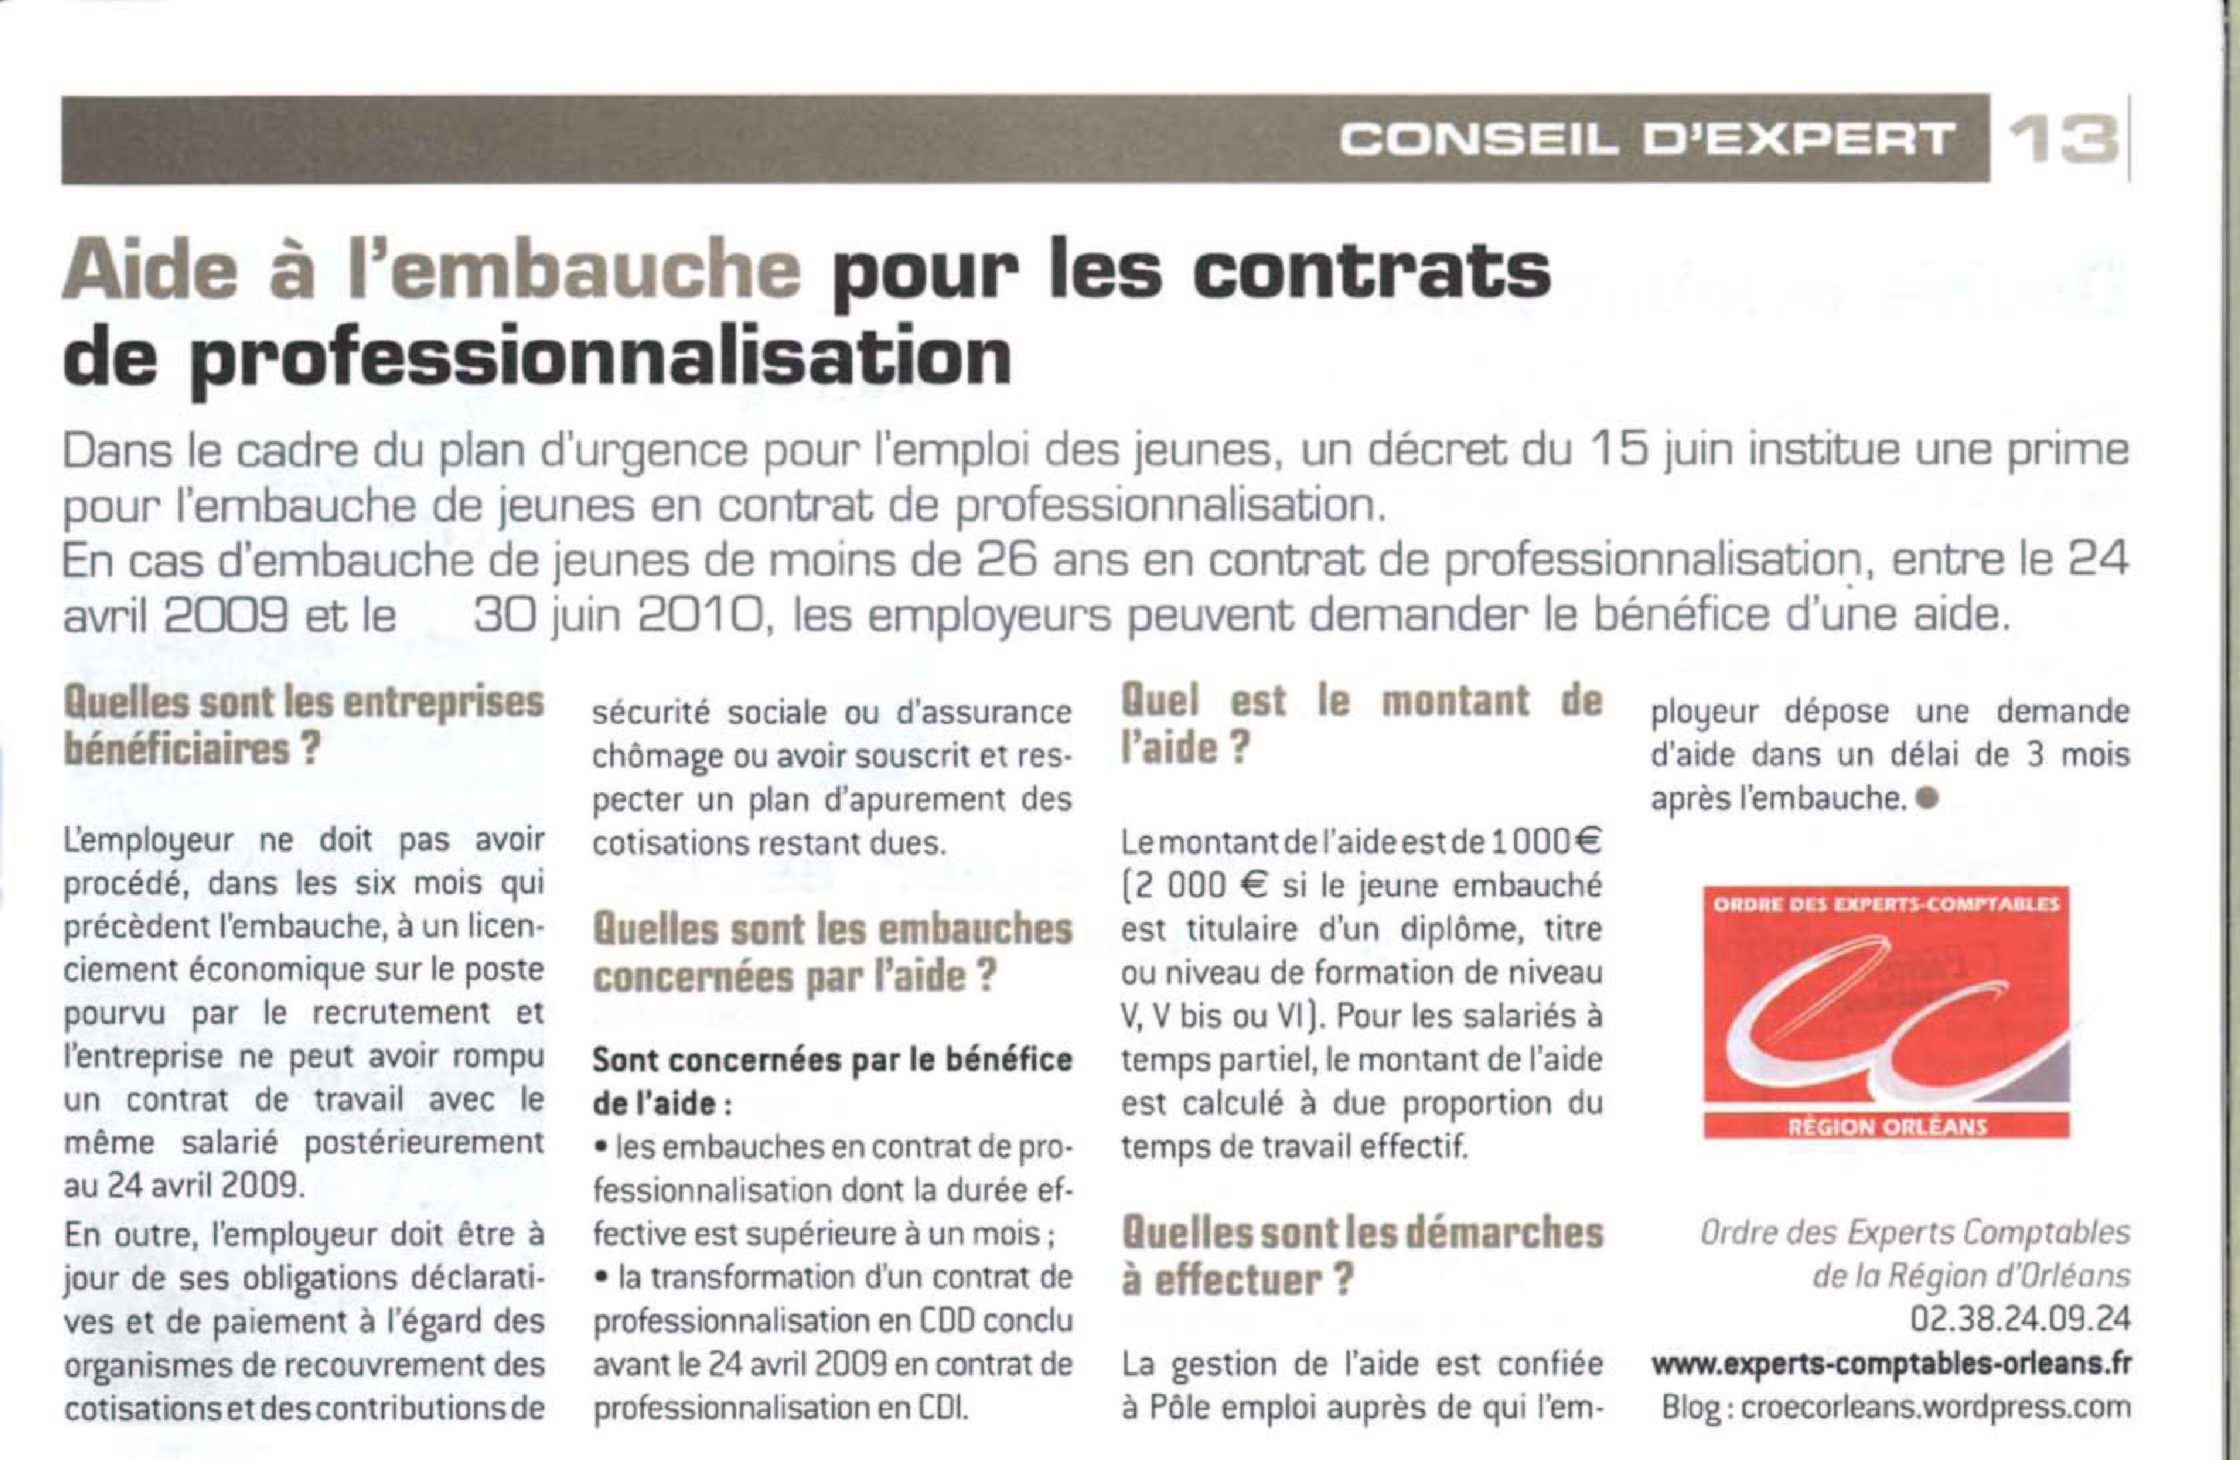 Contrat De Professionnalisation Le Blog Du Croec Orleans